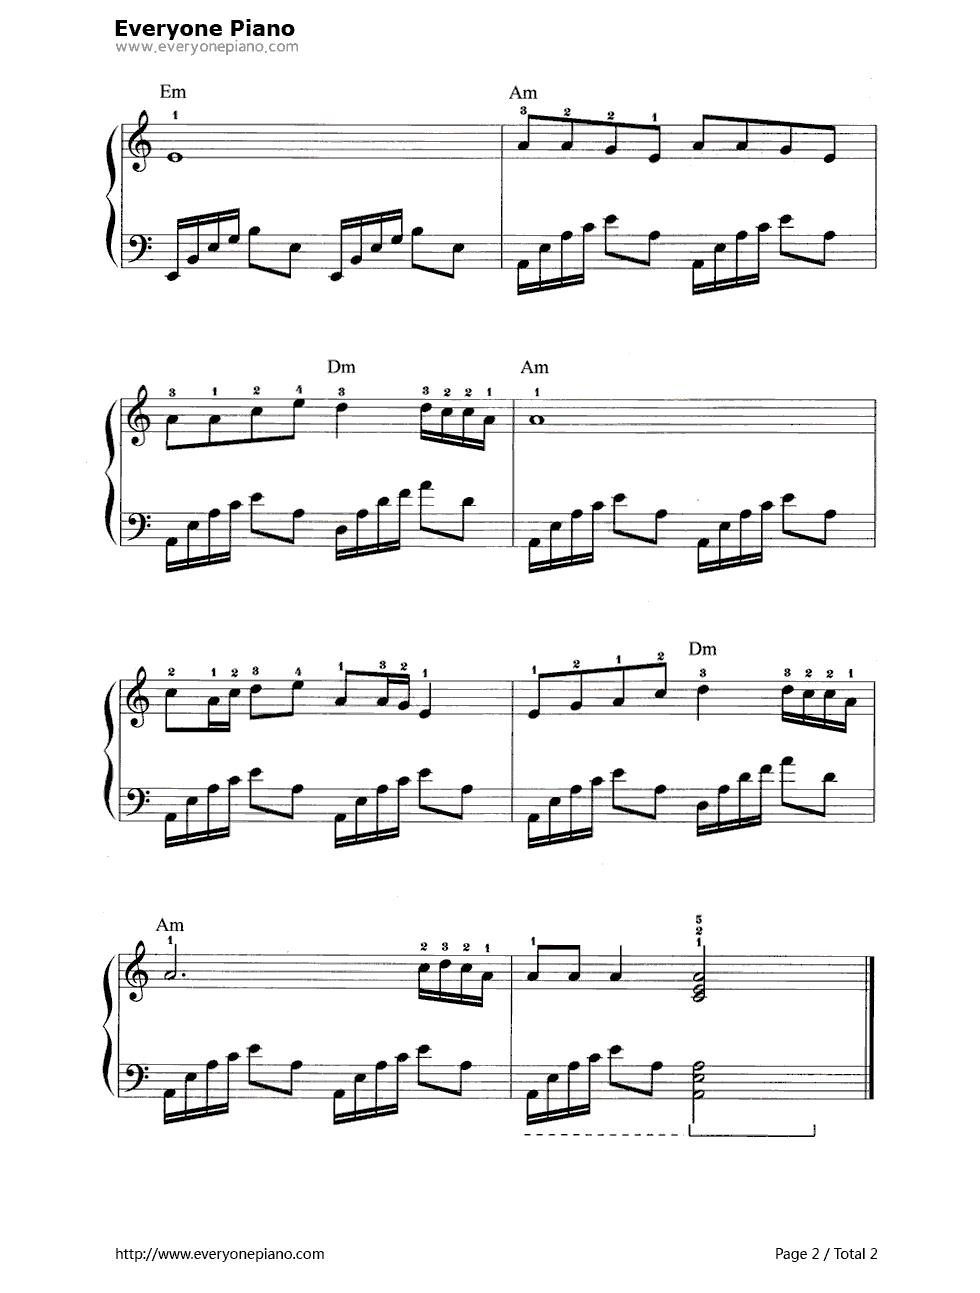 钢琴曲谱 原创 北京的金山上 北京的金山上五线谱预览2  }  仅供学习